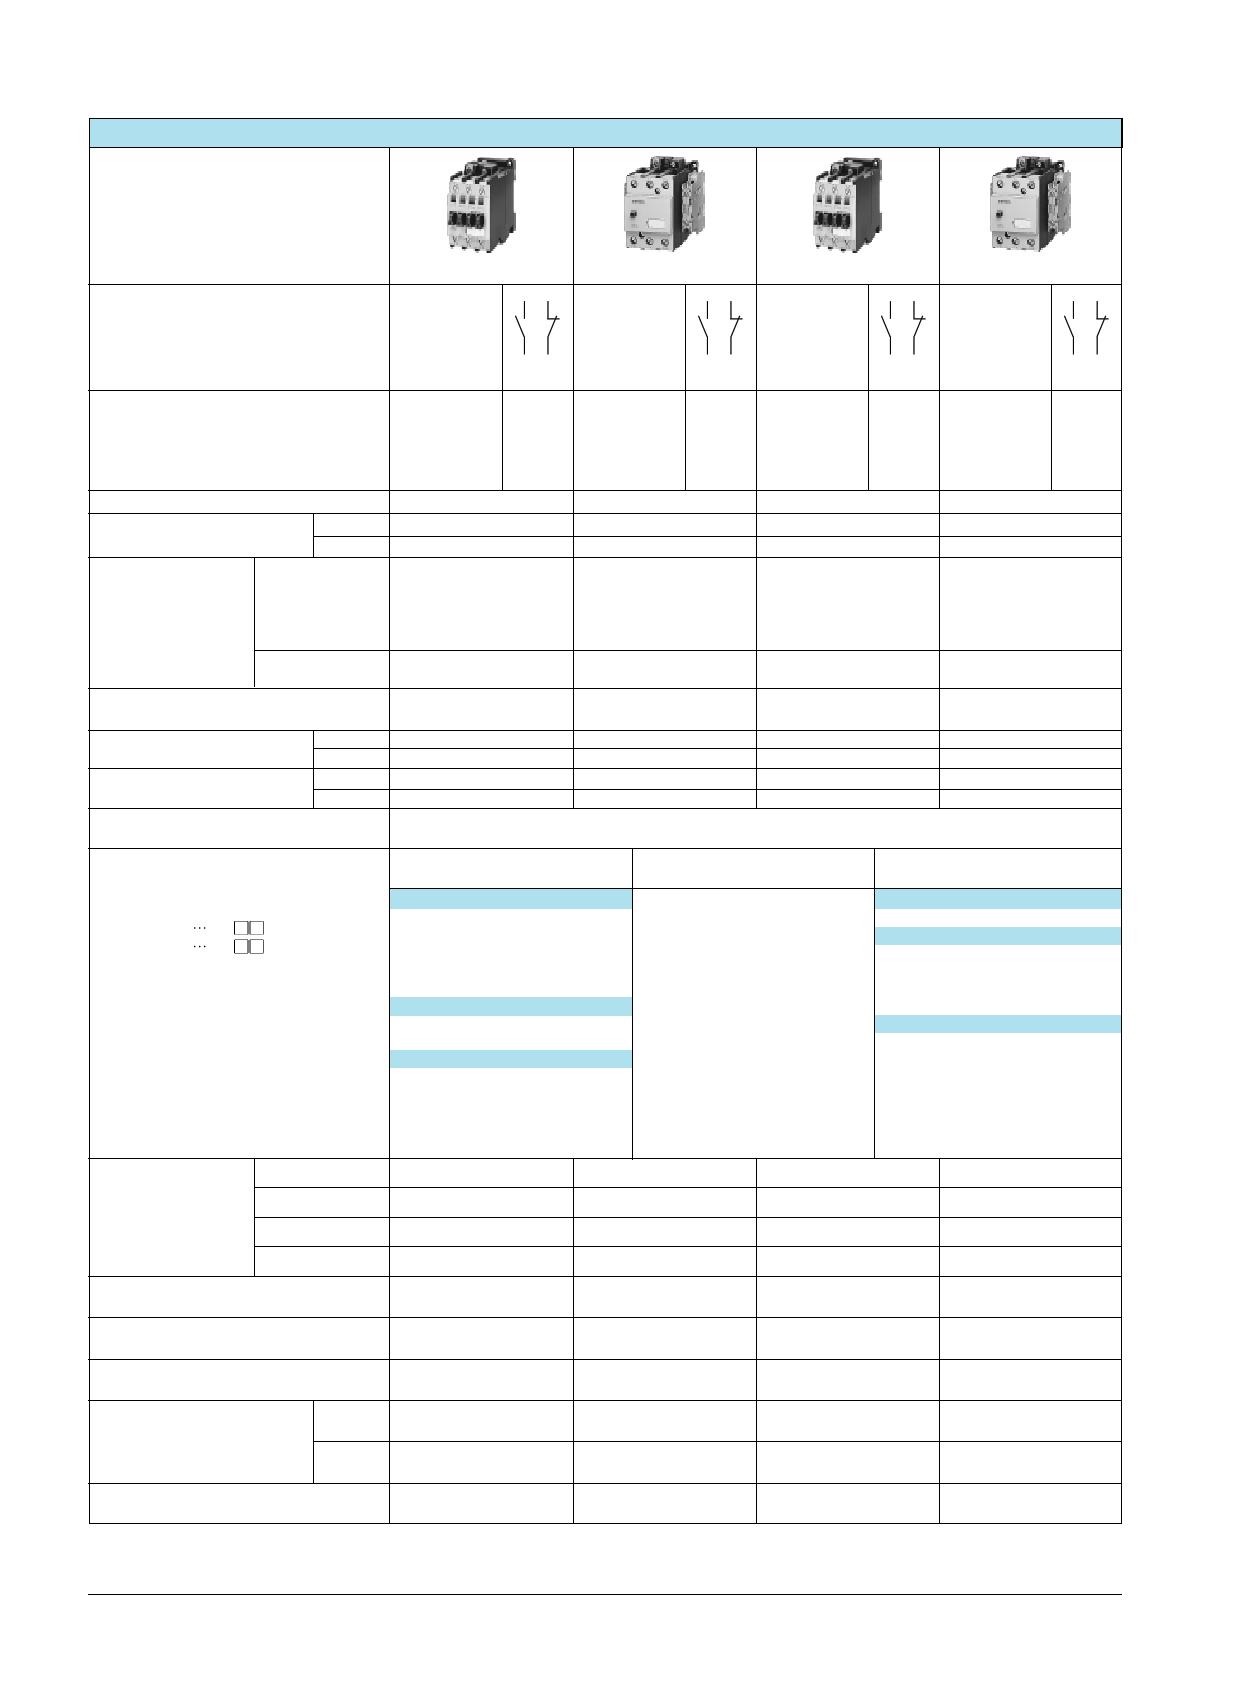 3TF41 pdf, 電子部品, 半導体, ピン配列